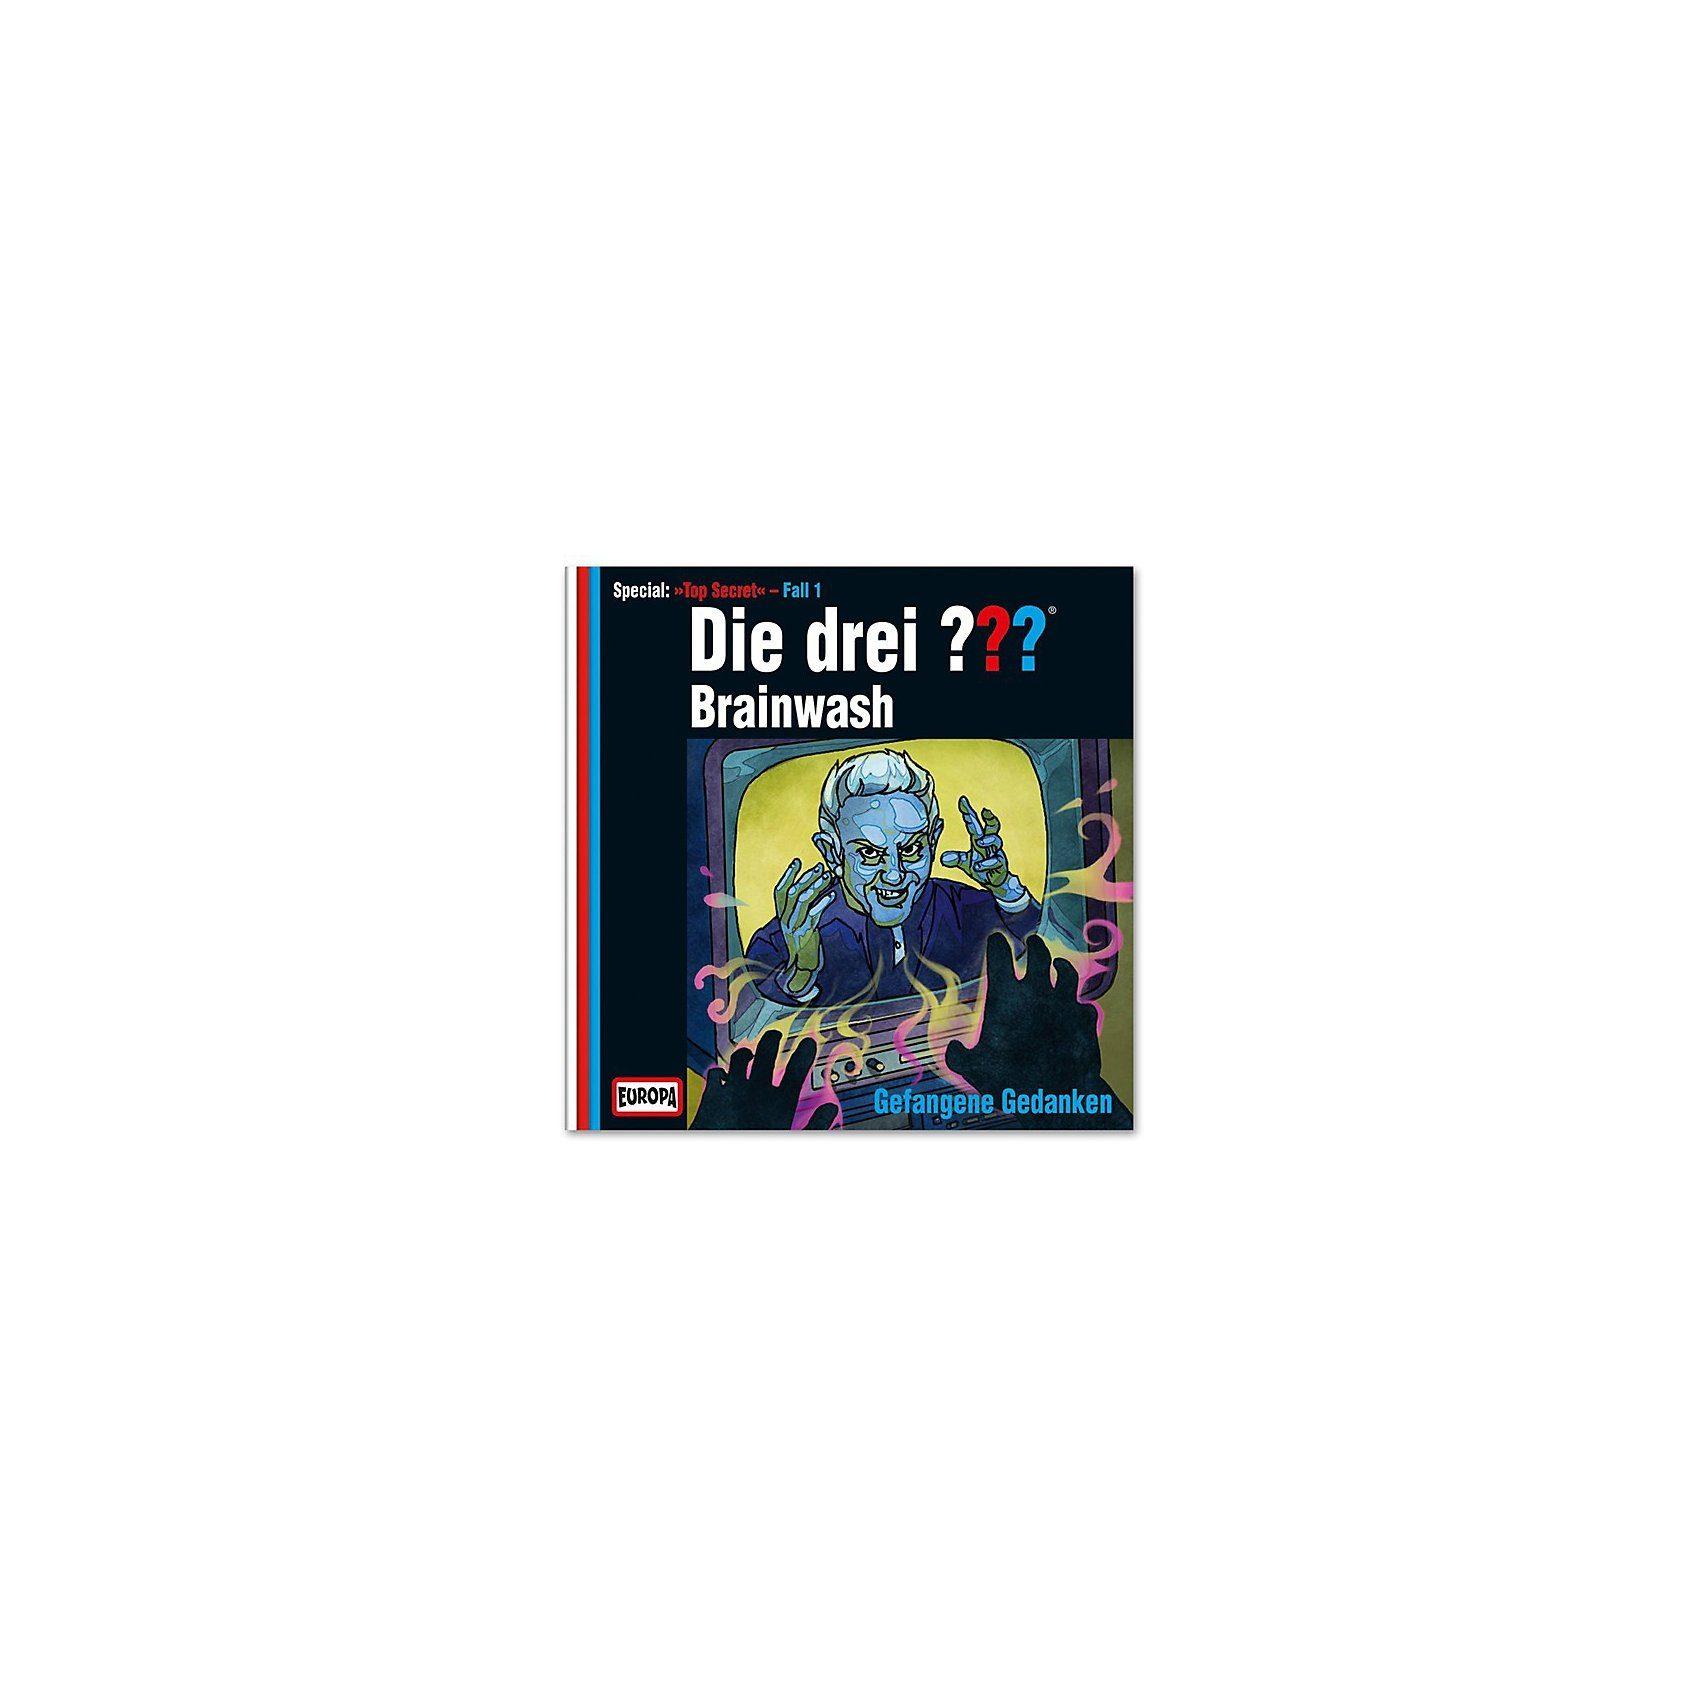 SONY BMG MUSIC CD Die Drei ??? Brainwash - Gefangene Gedanken